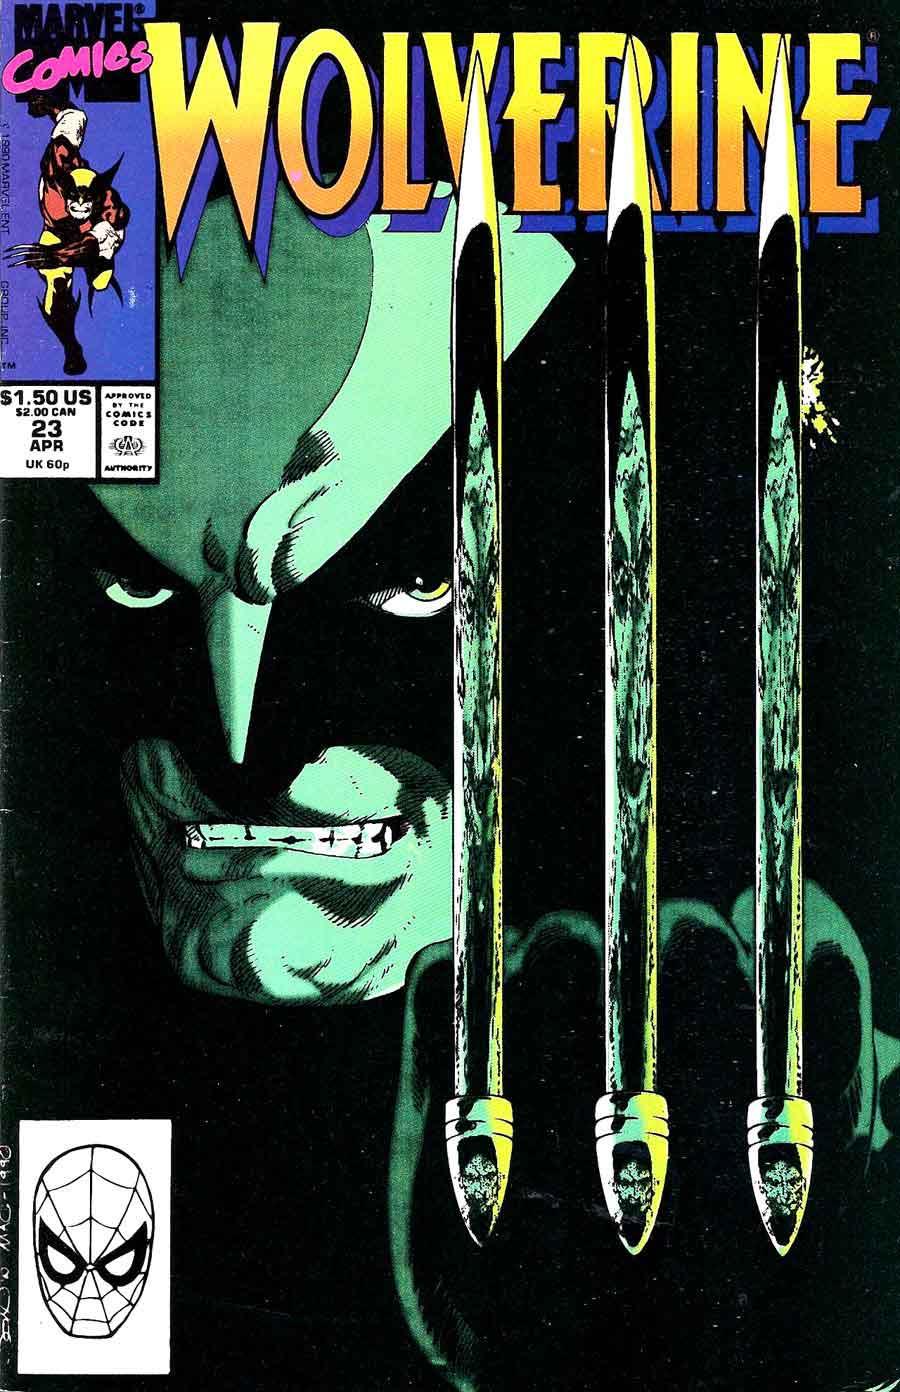 Wolverine v2 #23 marvel 1990s comic book cover art by John Byrne